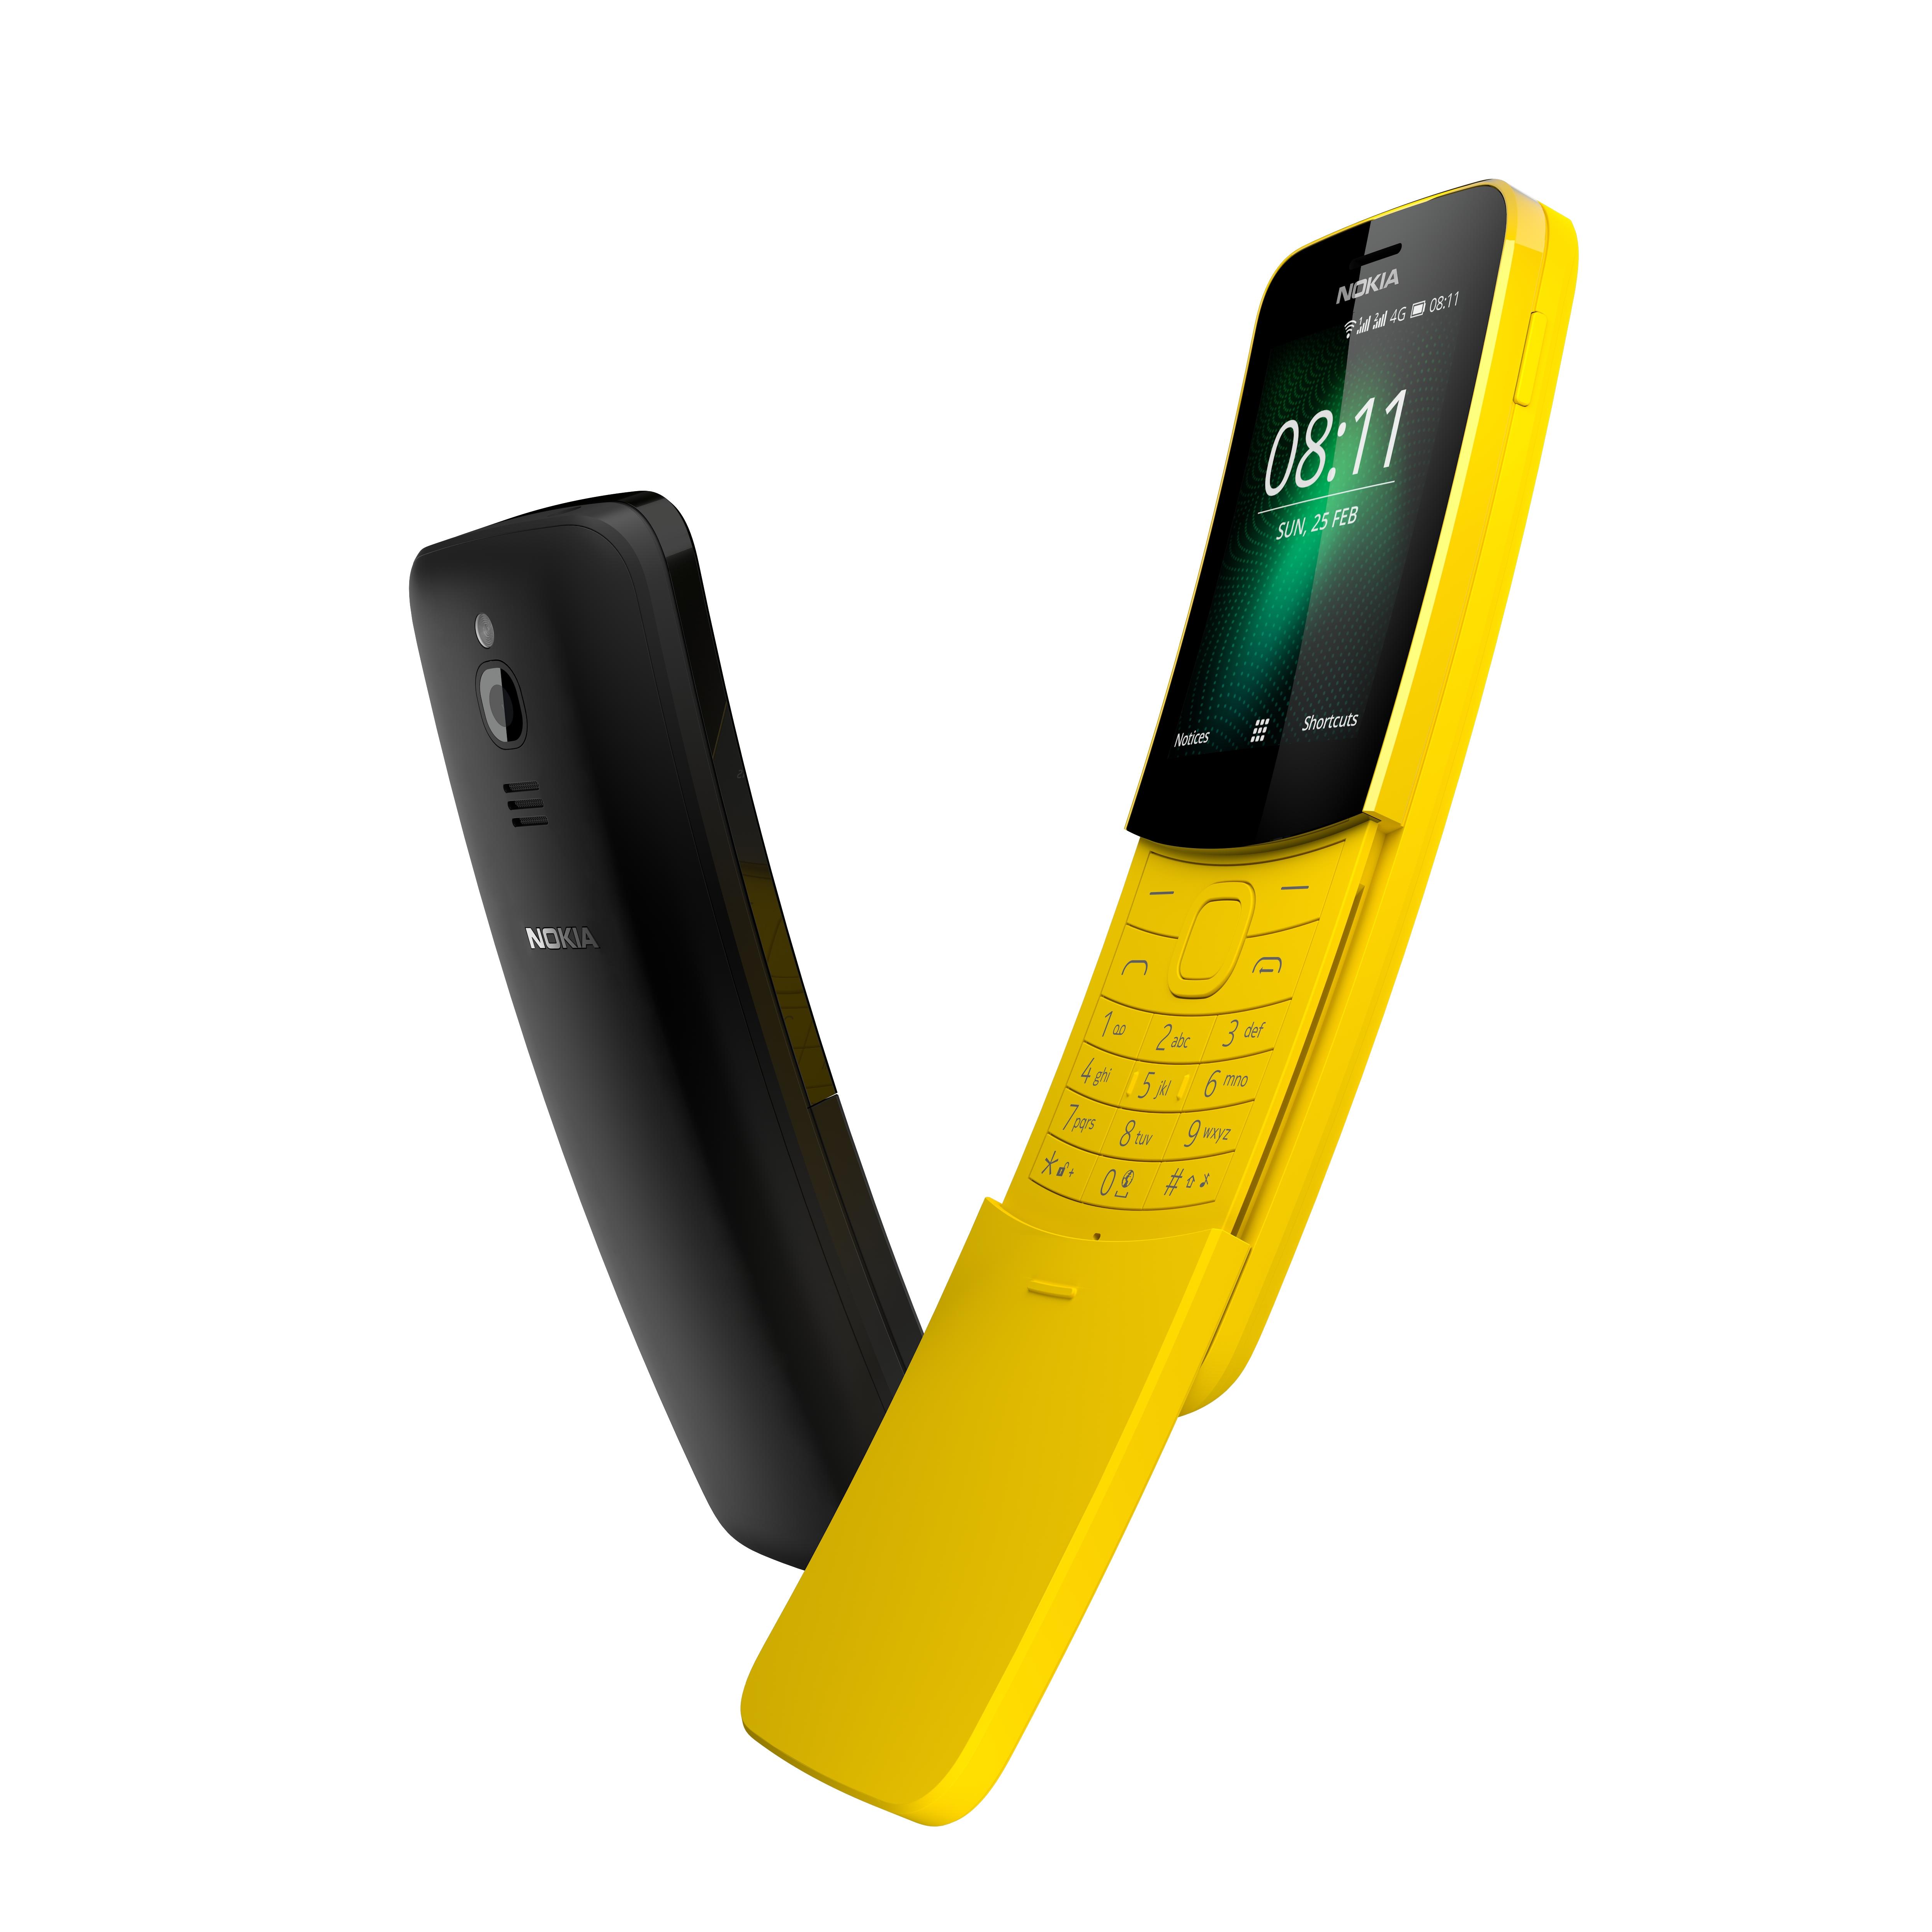 HMD relansează modelul Nokia 8810, acum cu 4G